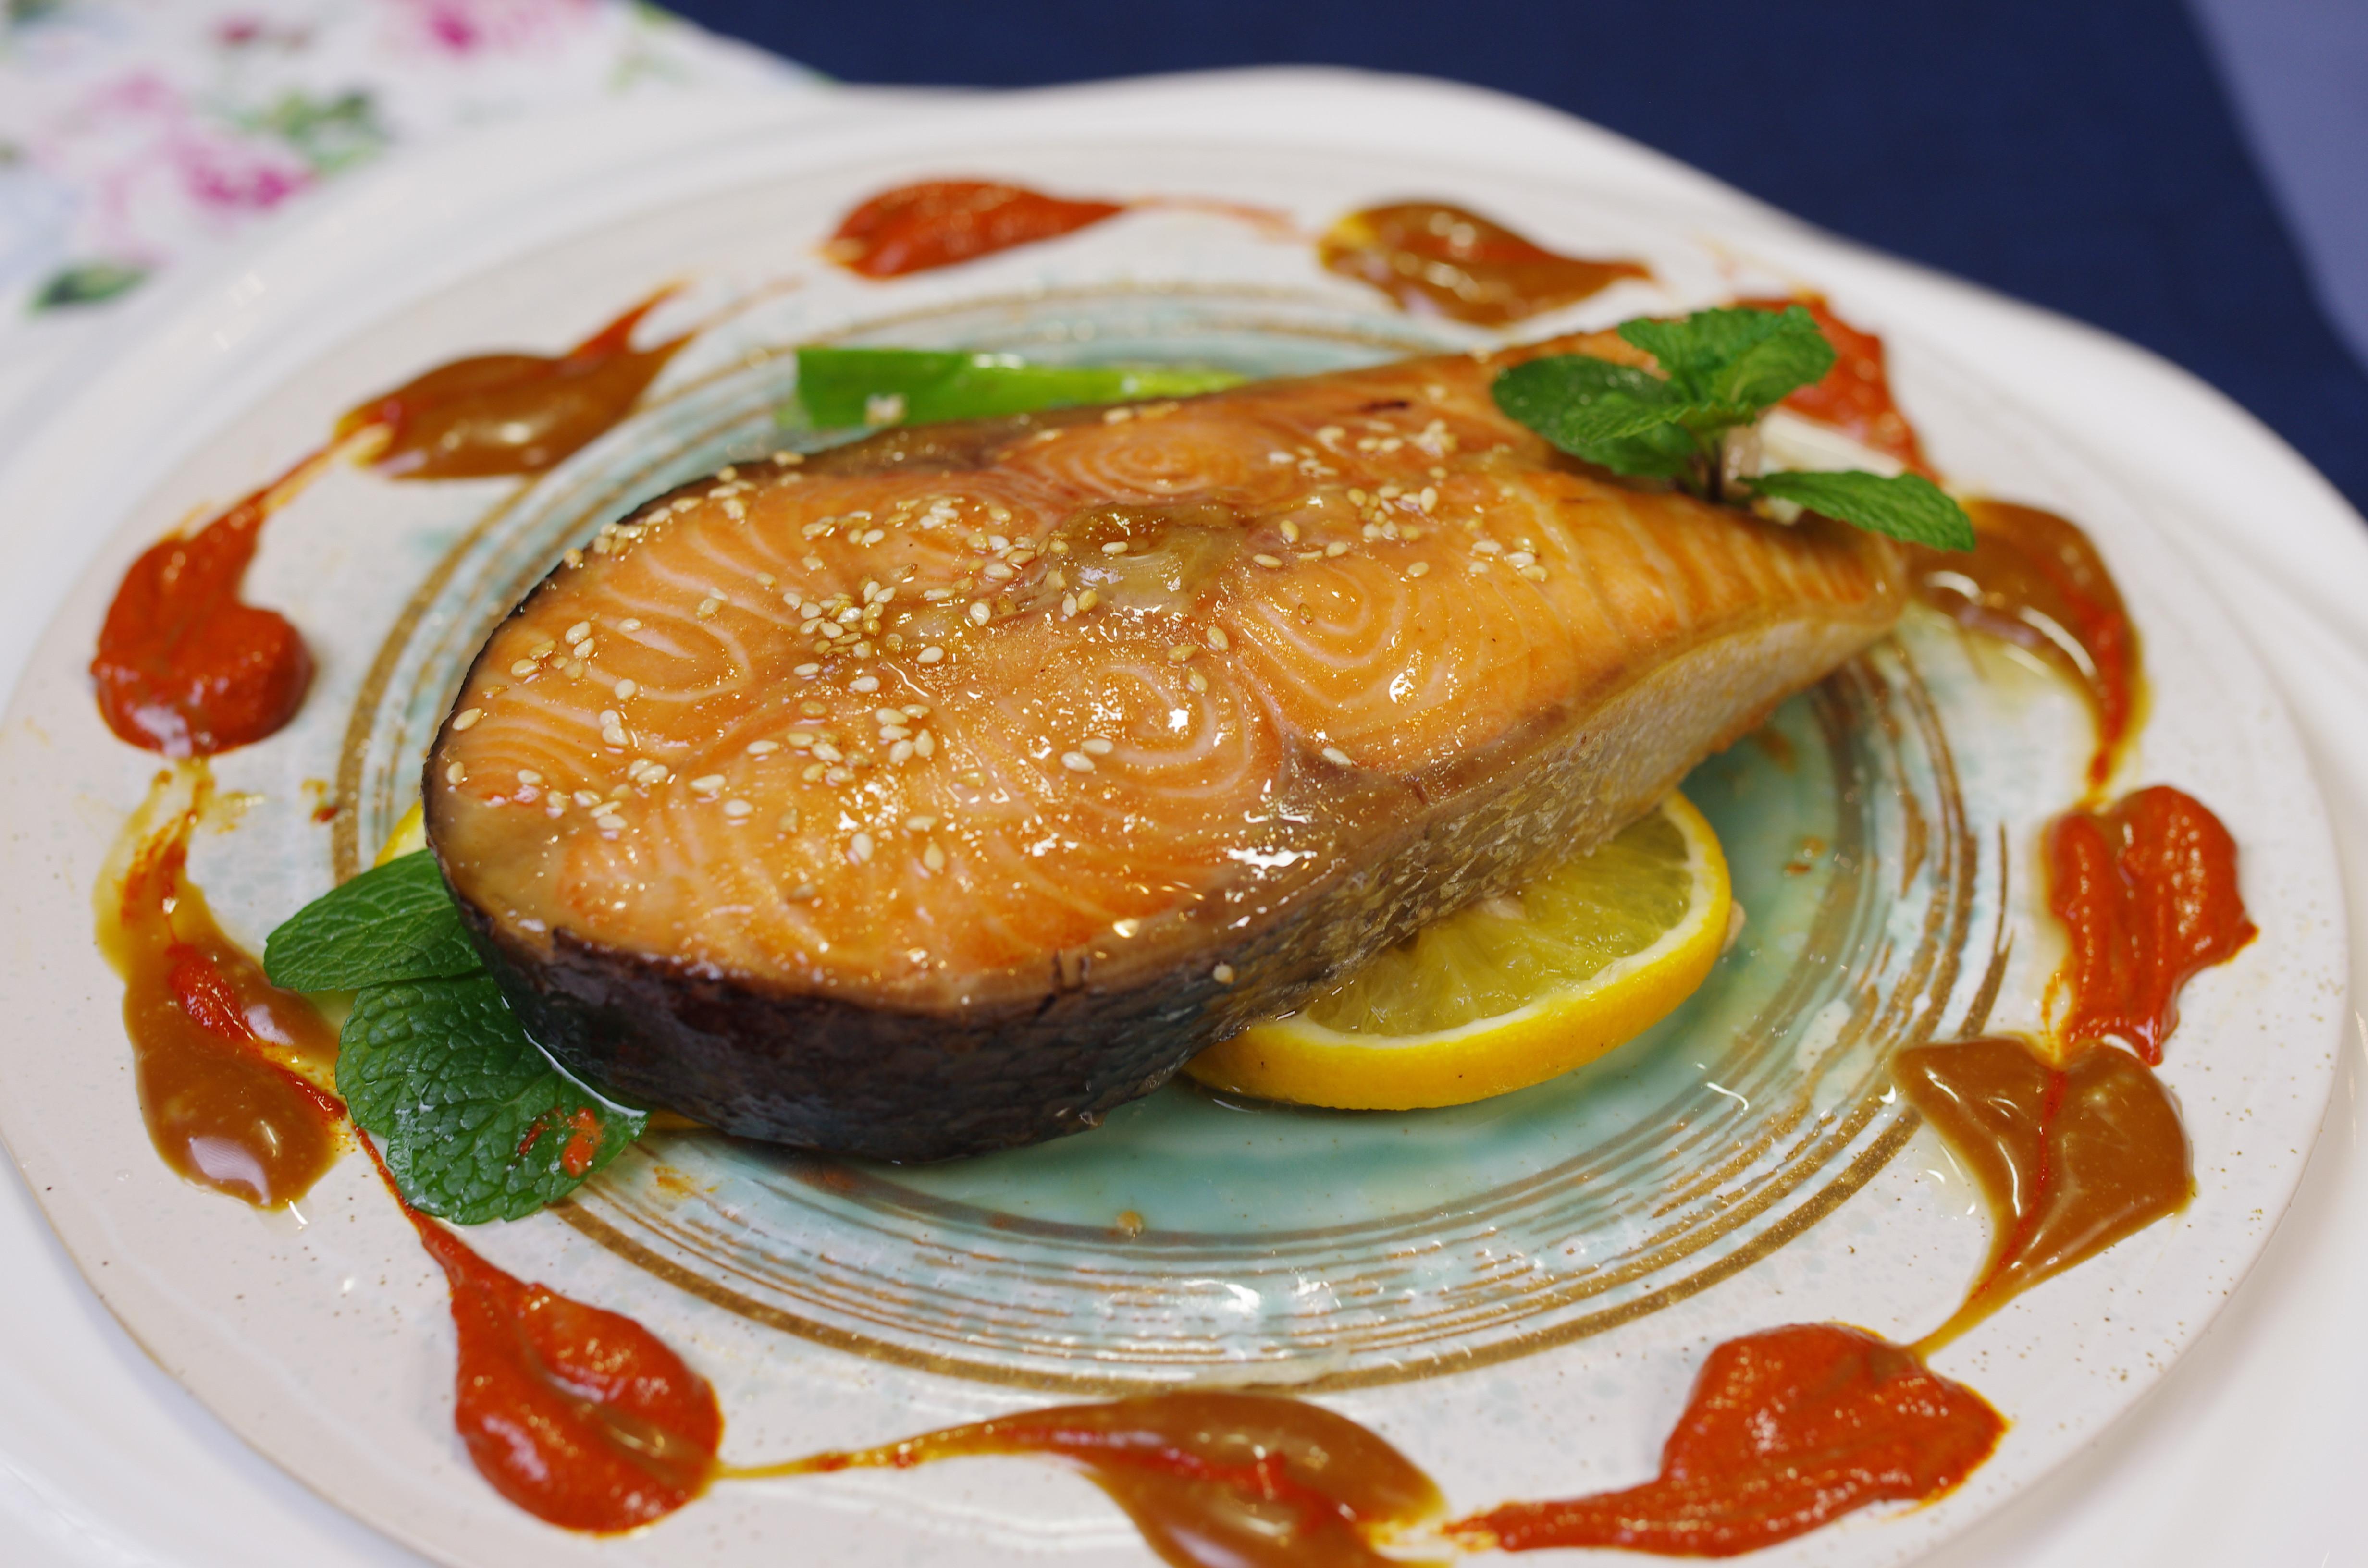 【味噌檸檬烤鮭魚】入口產生動人心弦感動